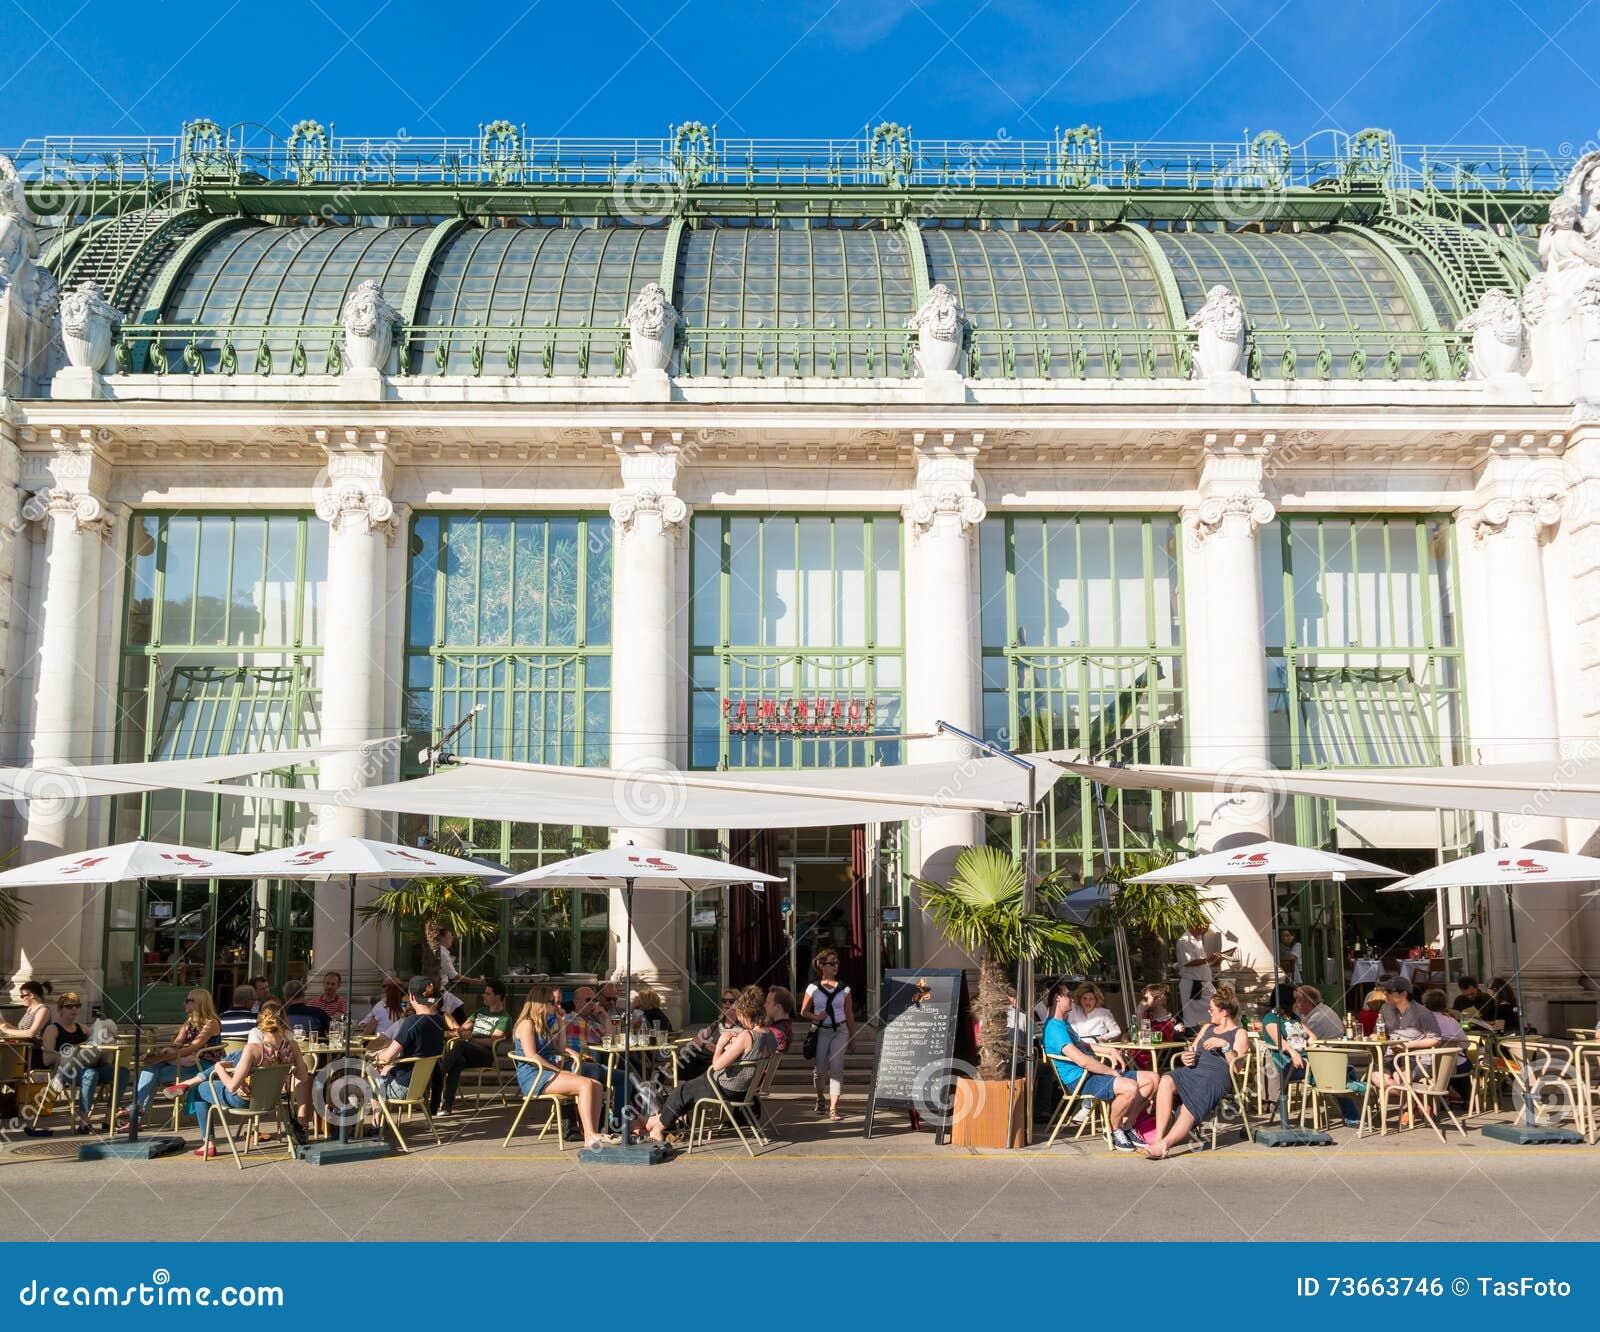 Palmenhaus cafe in Burggarten, Vienna, Austria